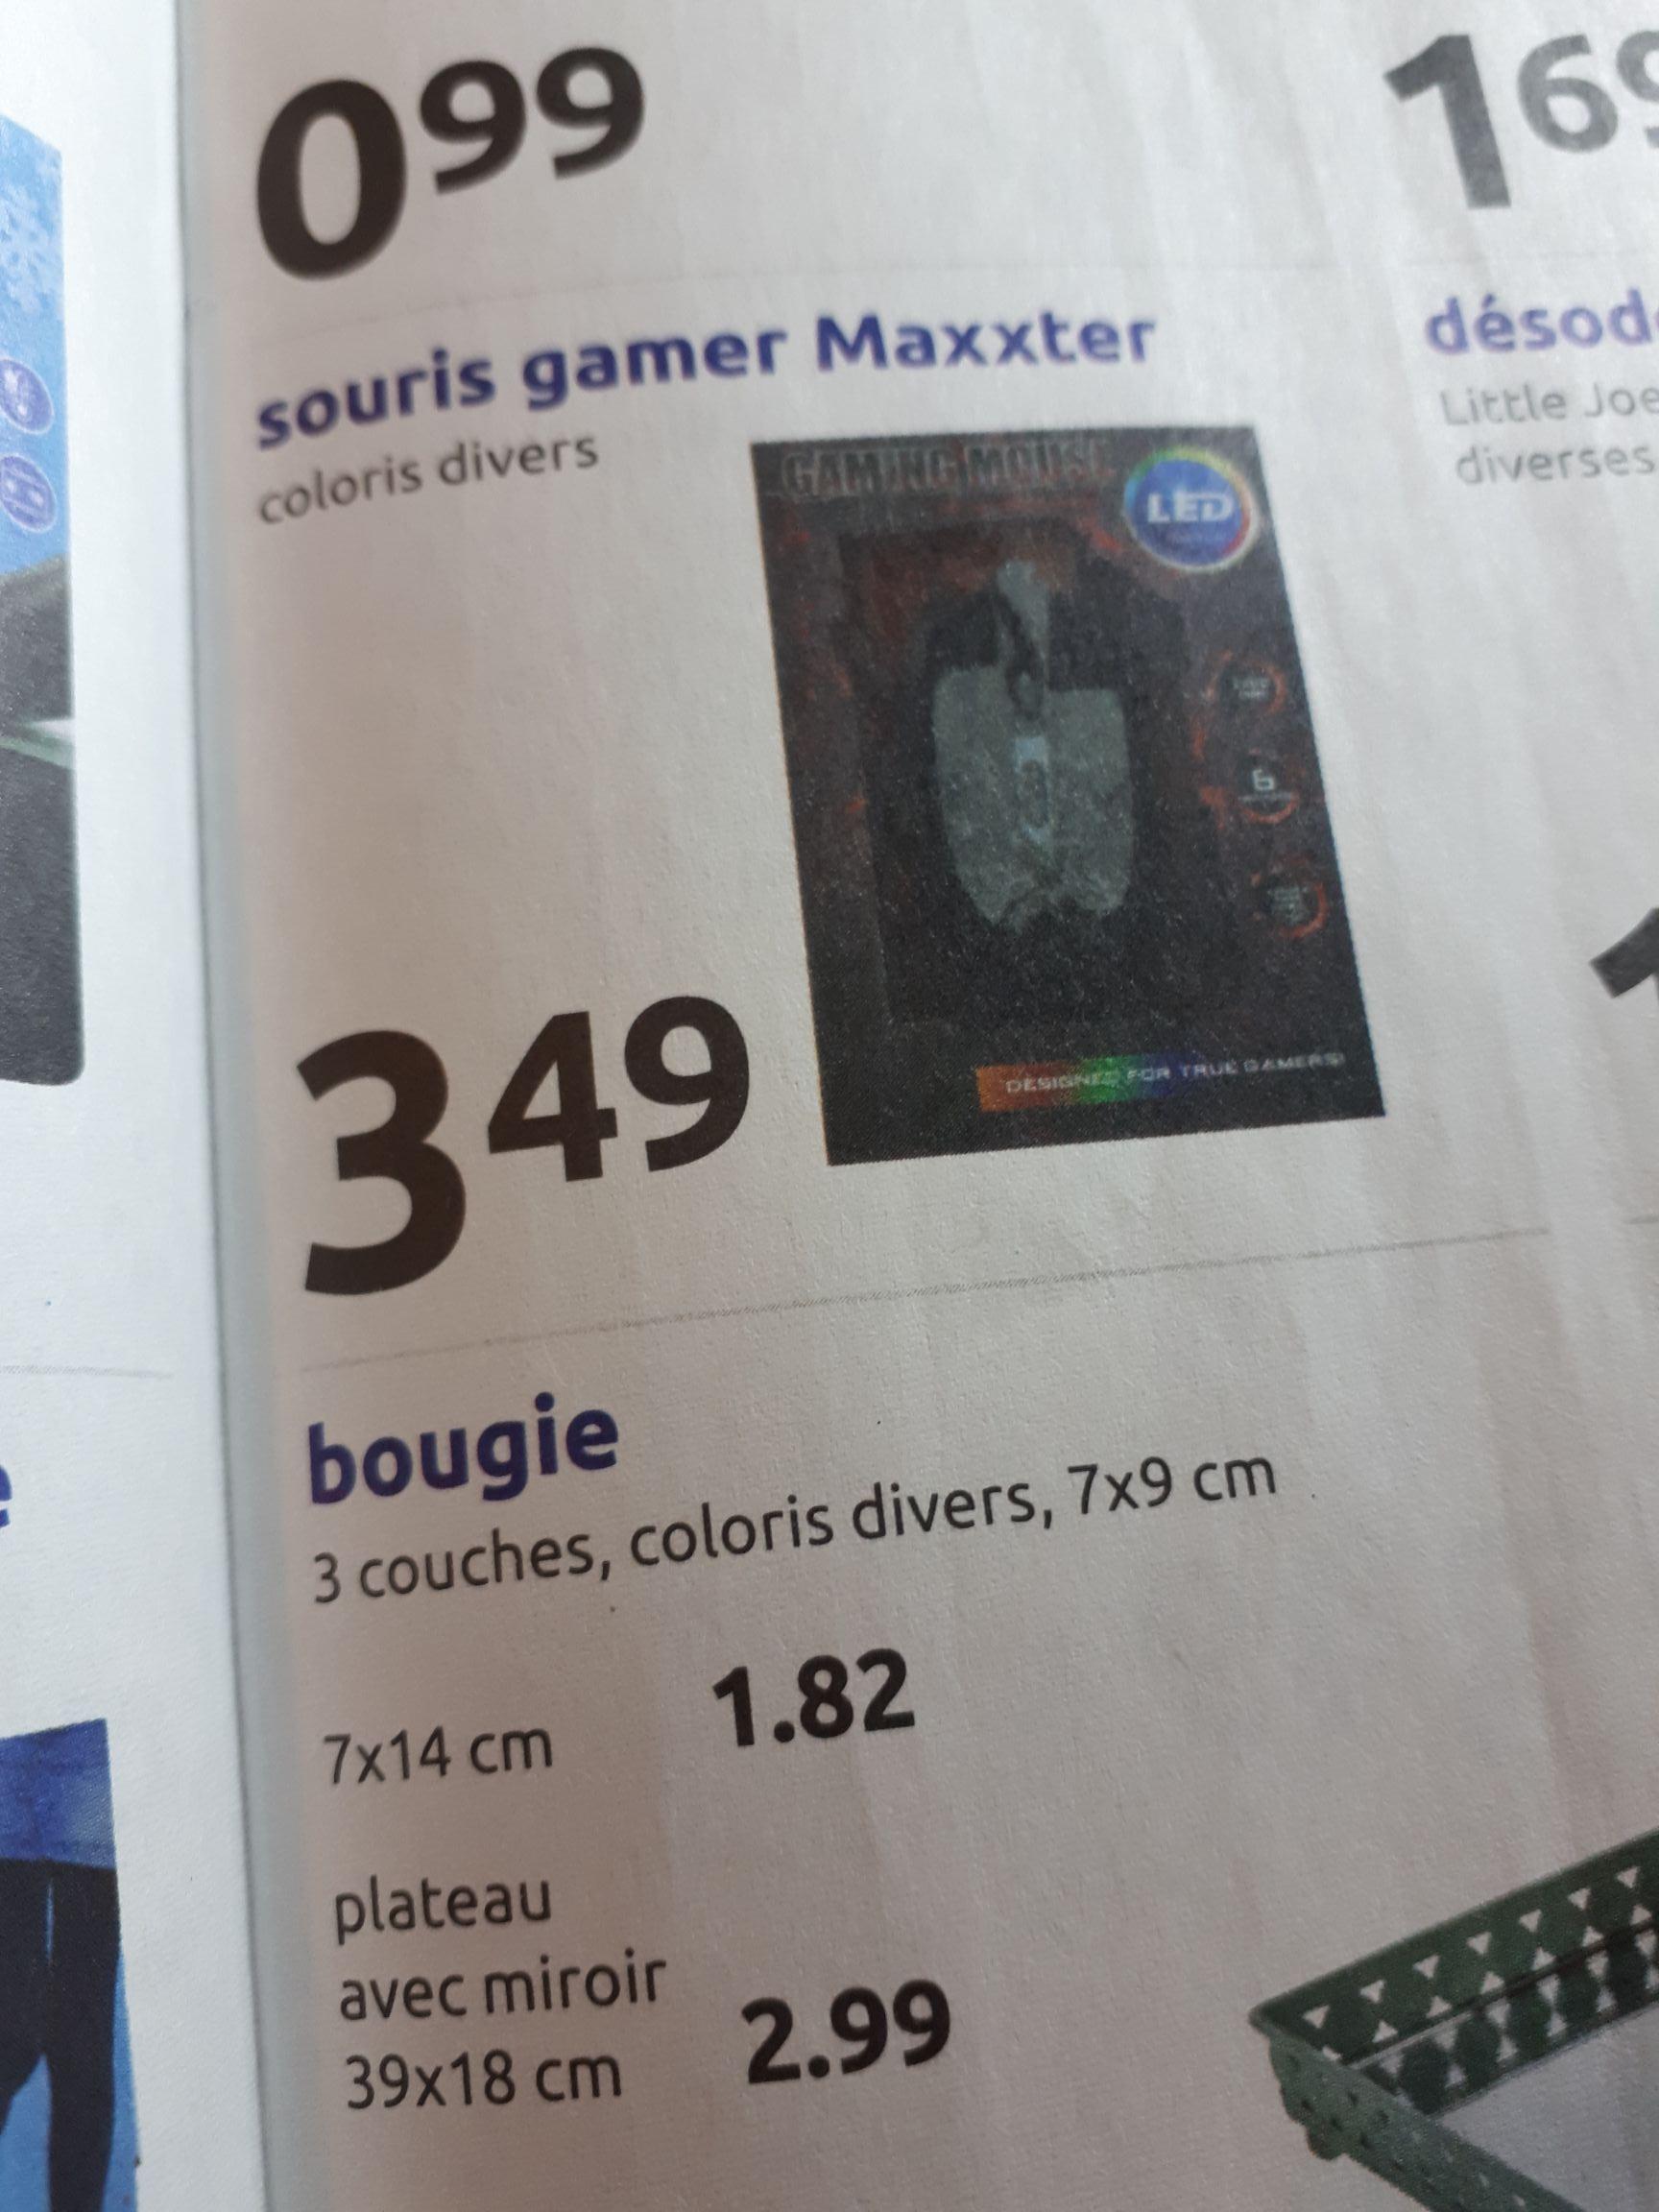 Souris gamer Maxxter